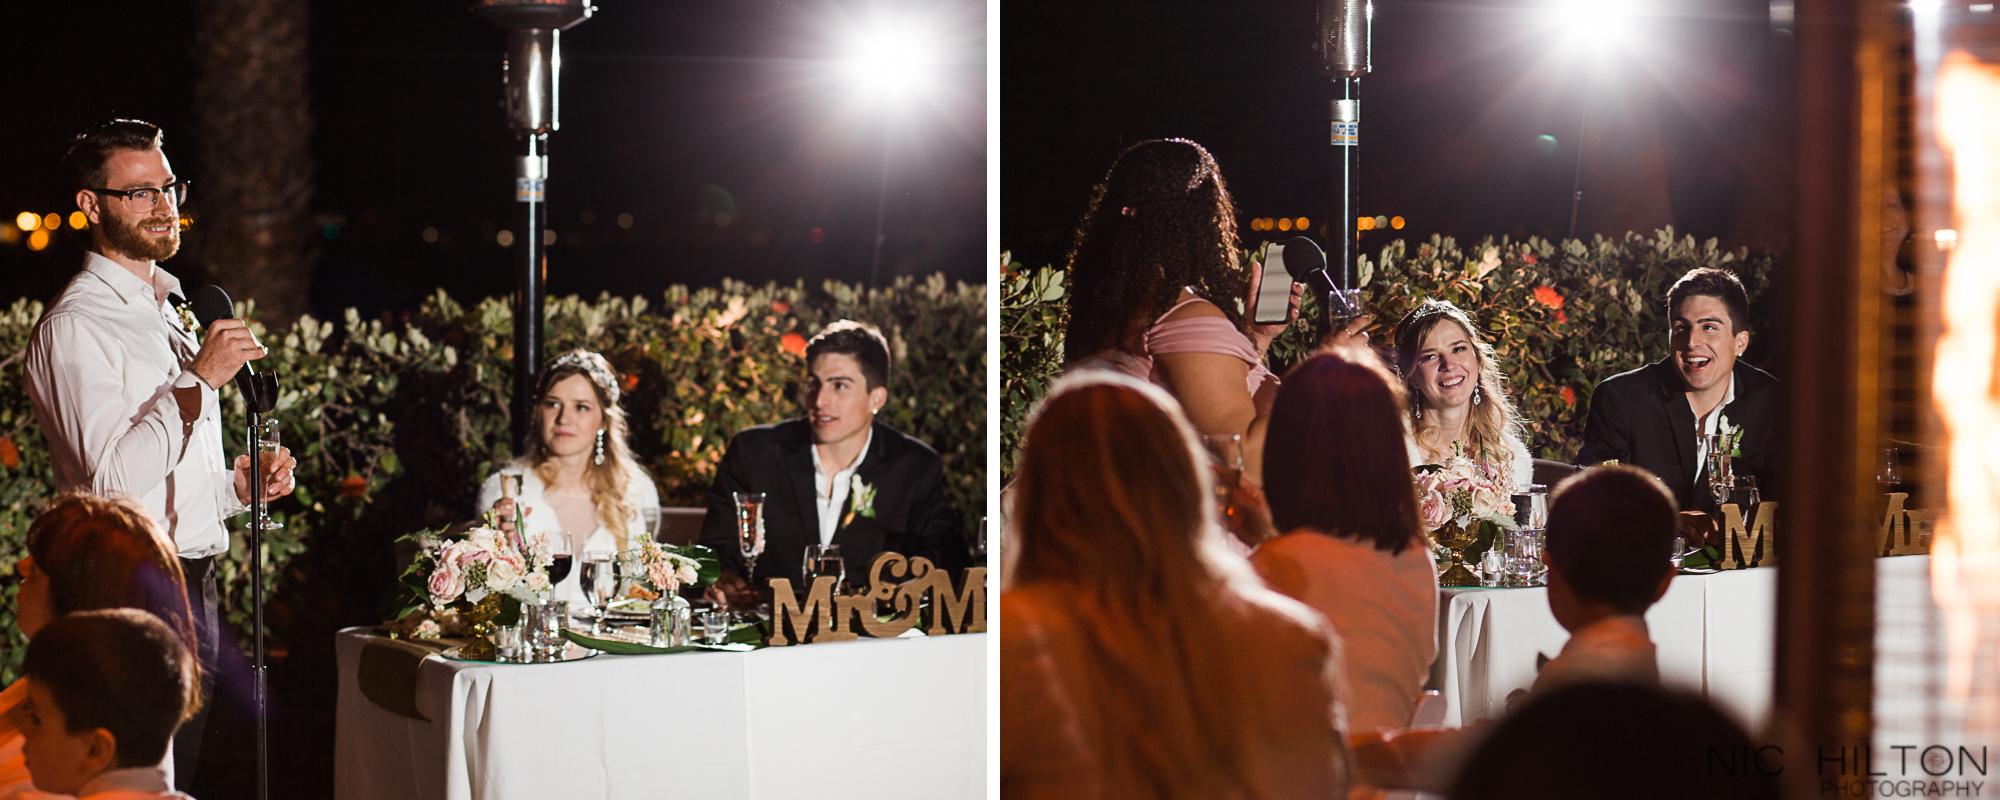 Toasts-Hotel-Maya-Wedding.jpg